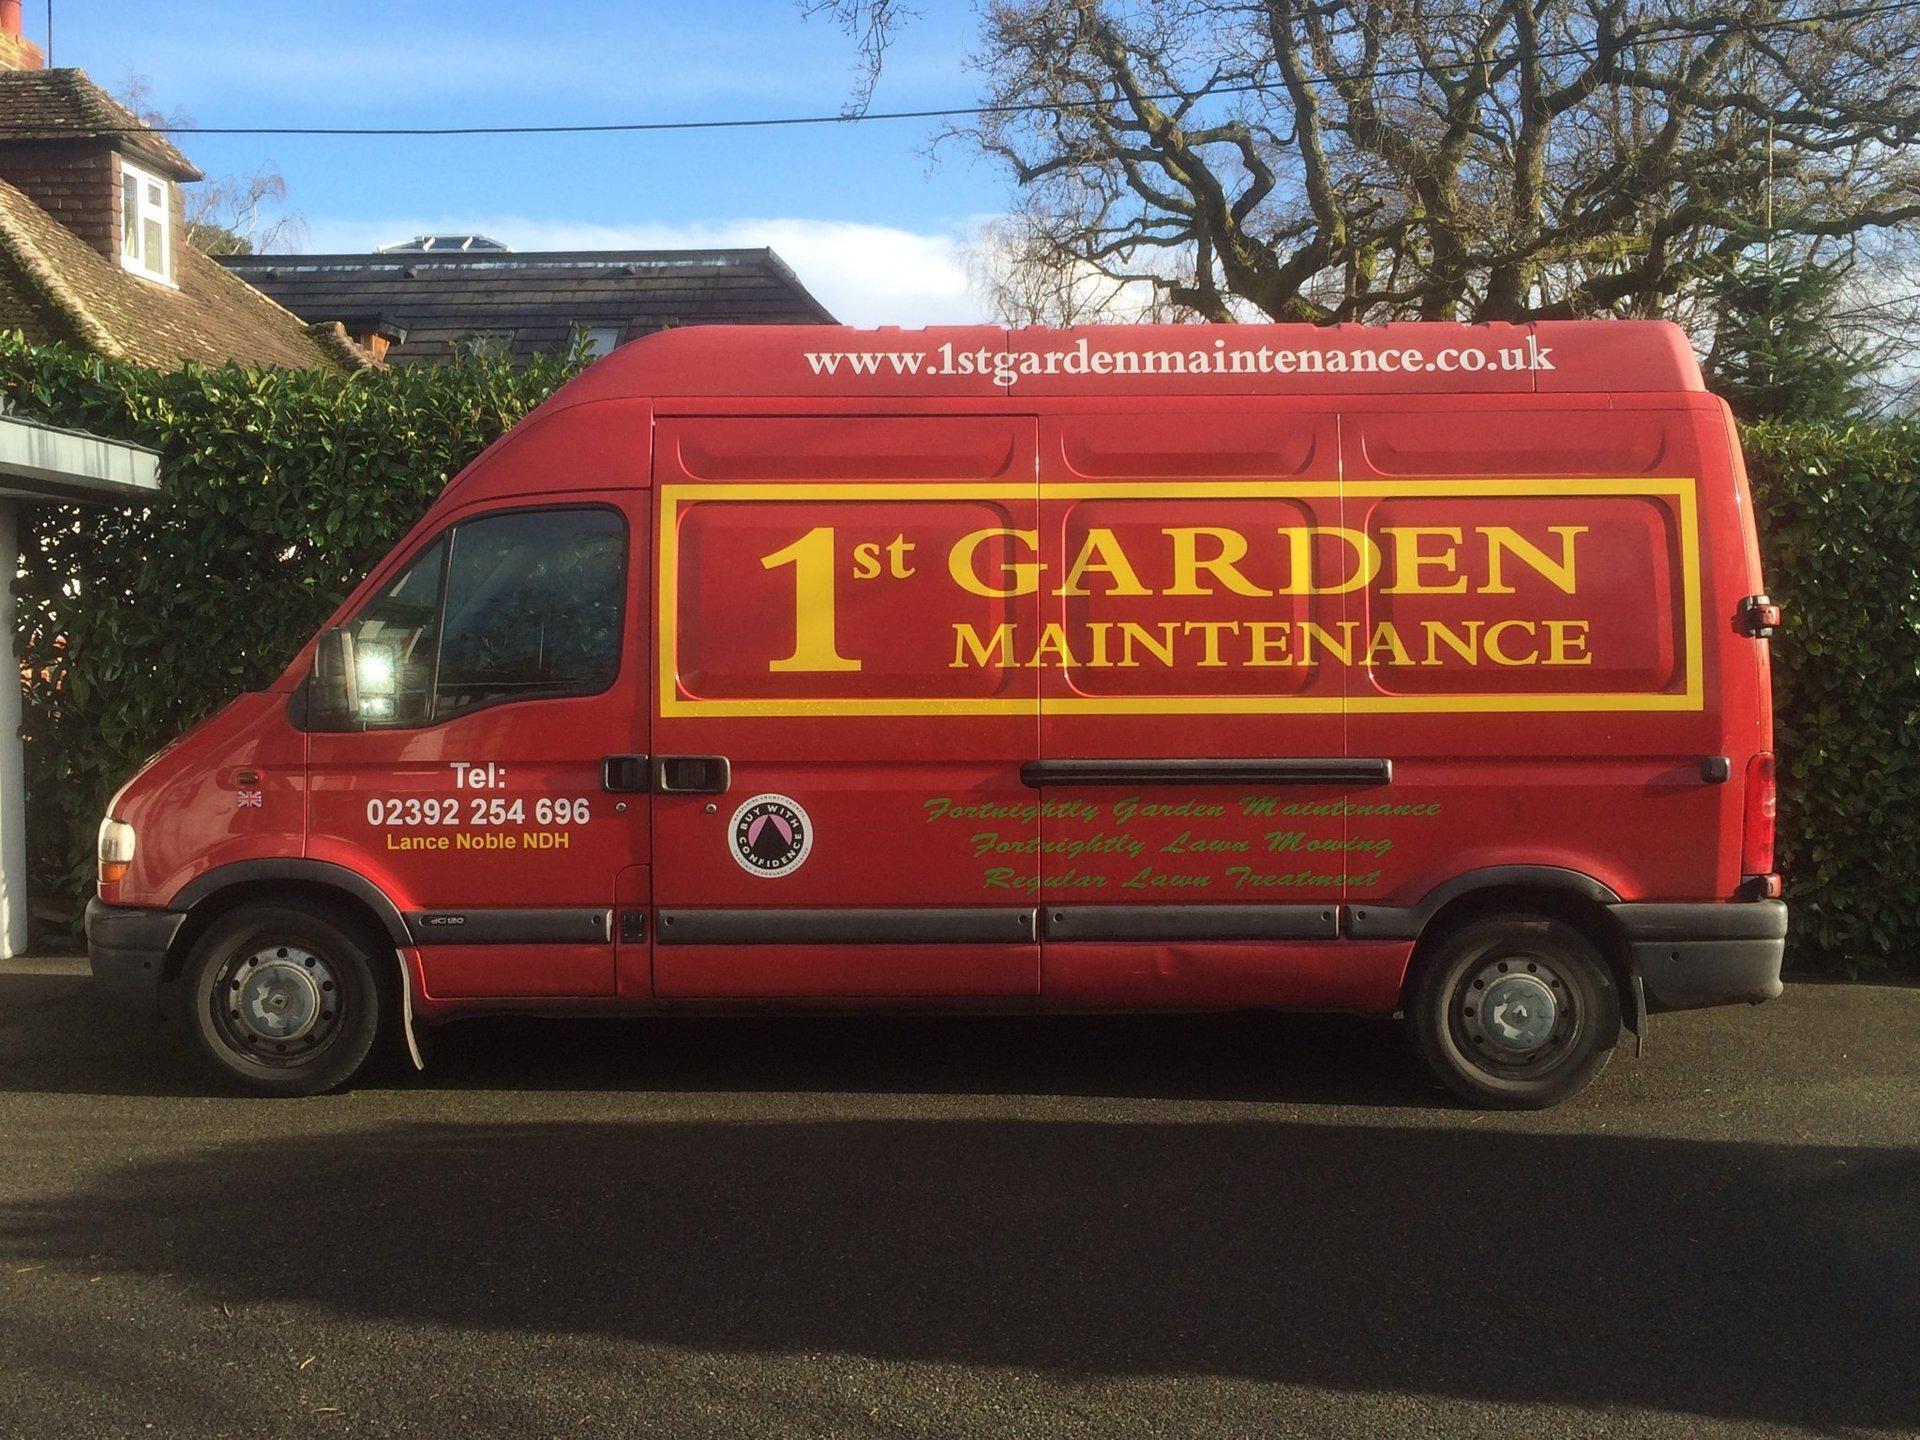 1st Garden Maintenance Van